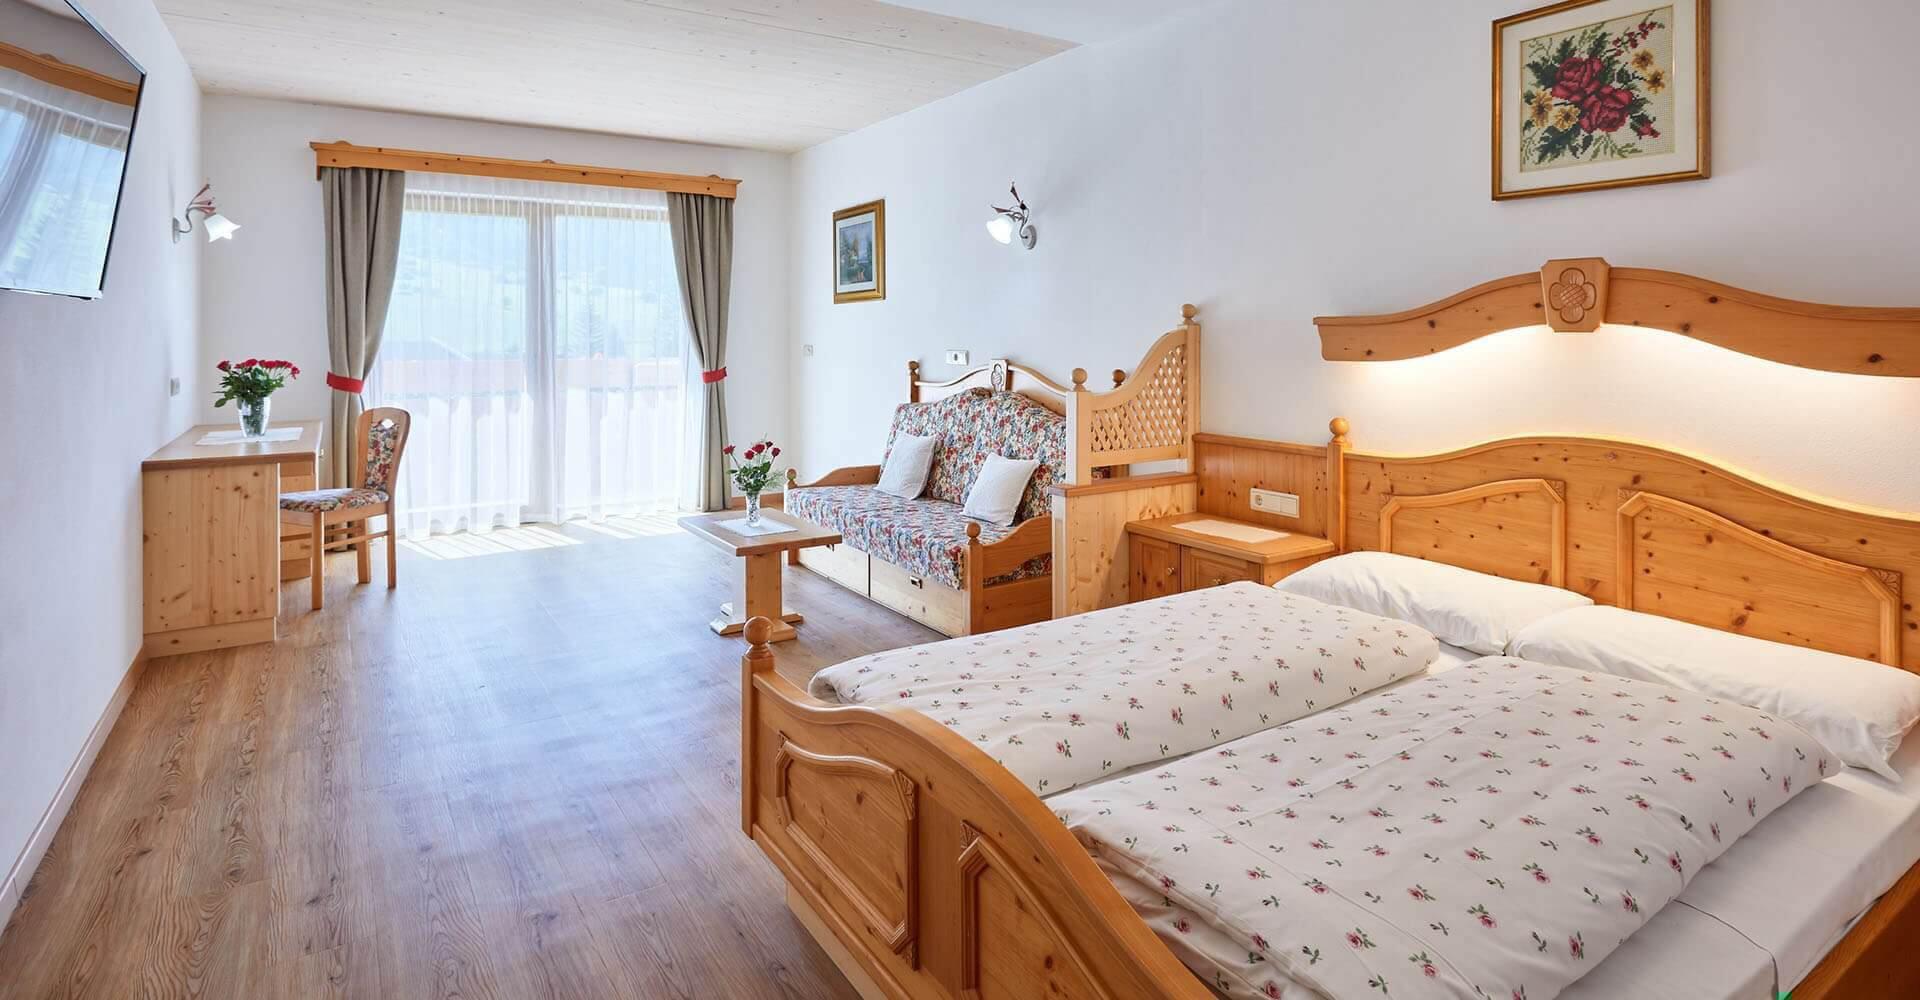 idyllisch gelegenes 3-Sterne-Hotel in Vals bei Meransen